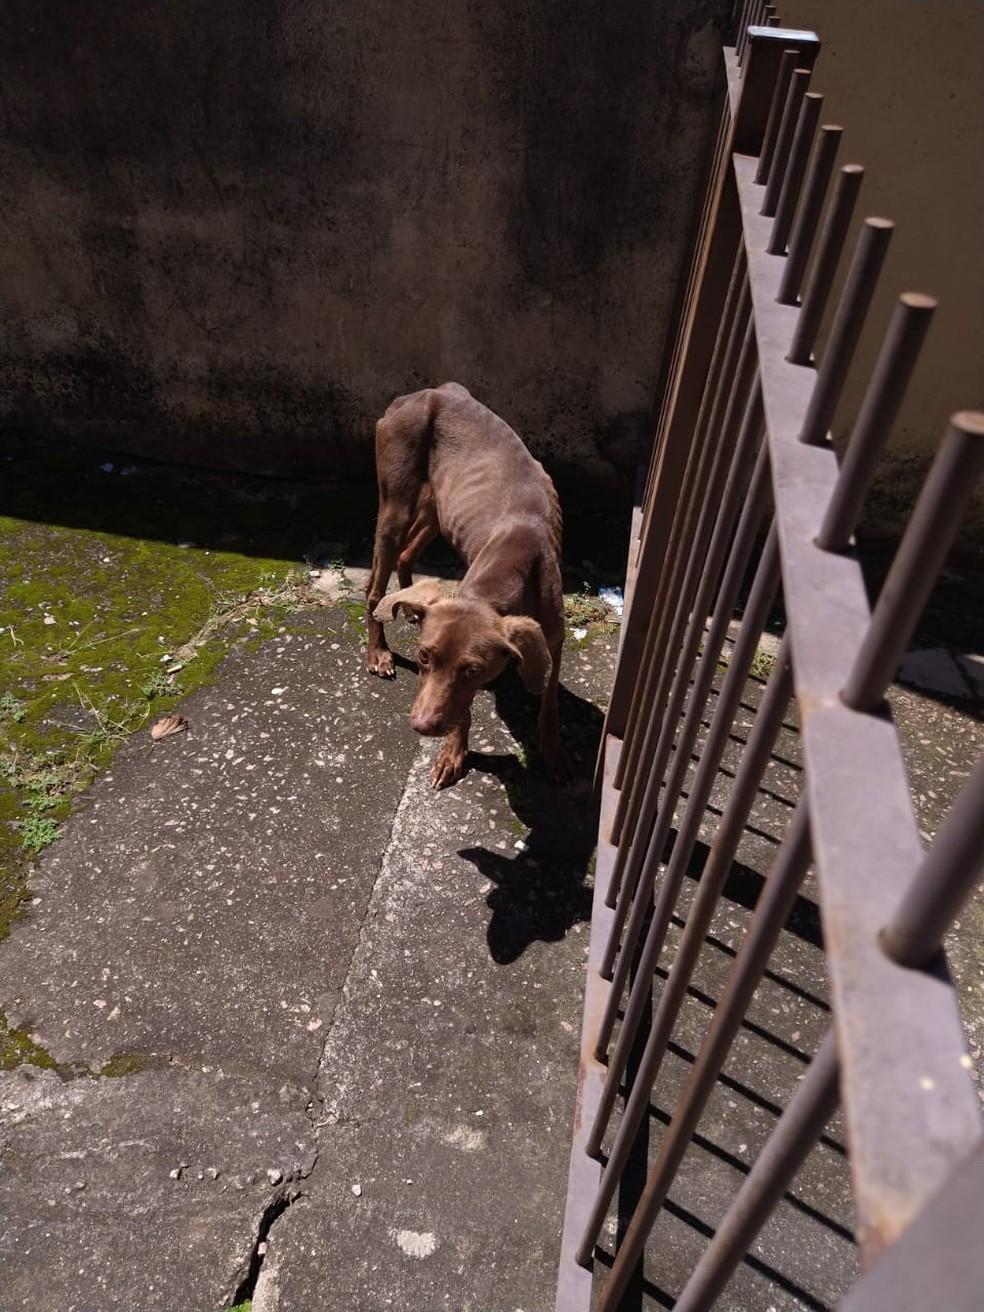 Moradora de Jundiaí denuncia abandono de cães em residência: 'Estão passando fome' — Foto:  Arquivo pessoal